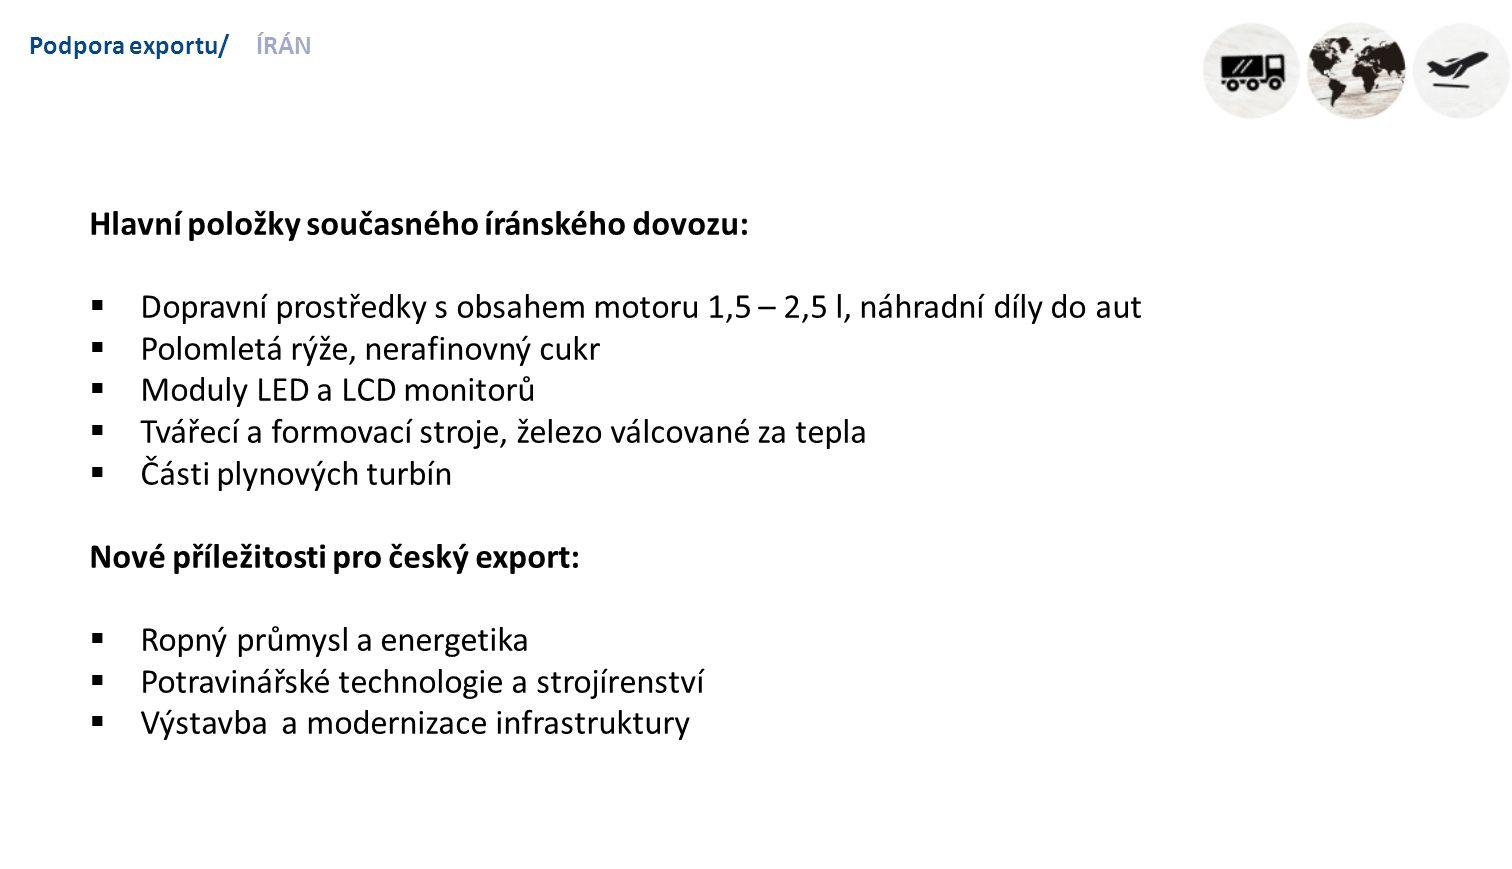 Podpora exportu/ÍRÁN Hlavní položky současného íránského dovozu:  Dopravní prostředky s obsahem motoru 1,5 – 2,5 l, náhradní díly do aut  Polomletá rýže, nerafinovný cukr  Moduly LED a LCD monitorů  Tvářecí a formovací stroje, železo válcované za tepla  Části plynových turbín Nové příležitosti pro český export:  Ropný průmysl a energetika  Potravinářské technologie a strojírenství  Výstavba a modernizace infrastruktury